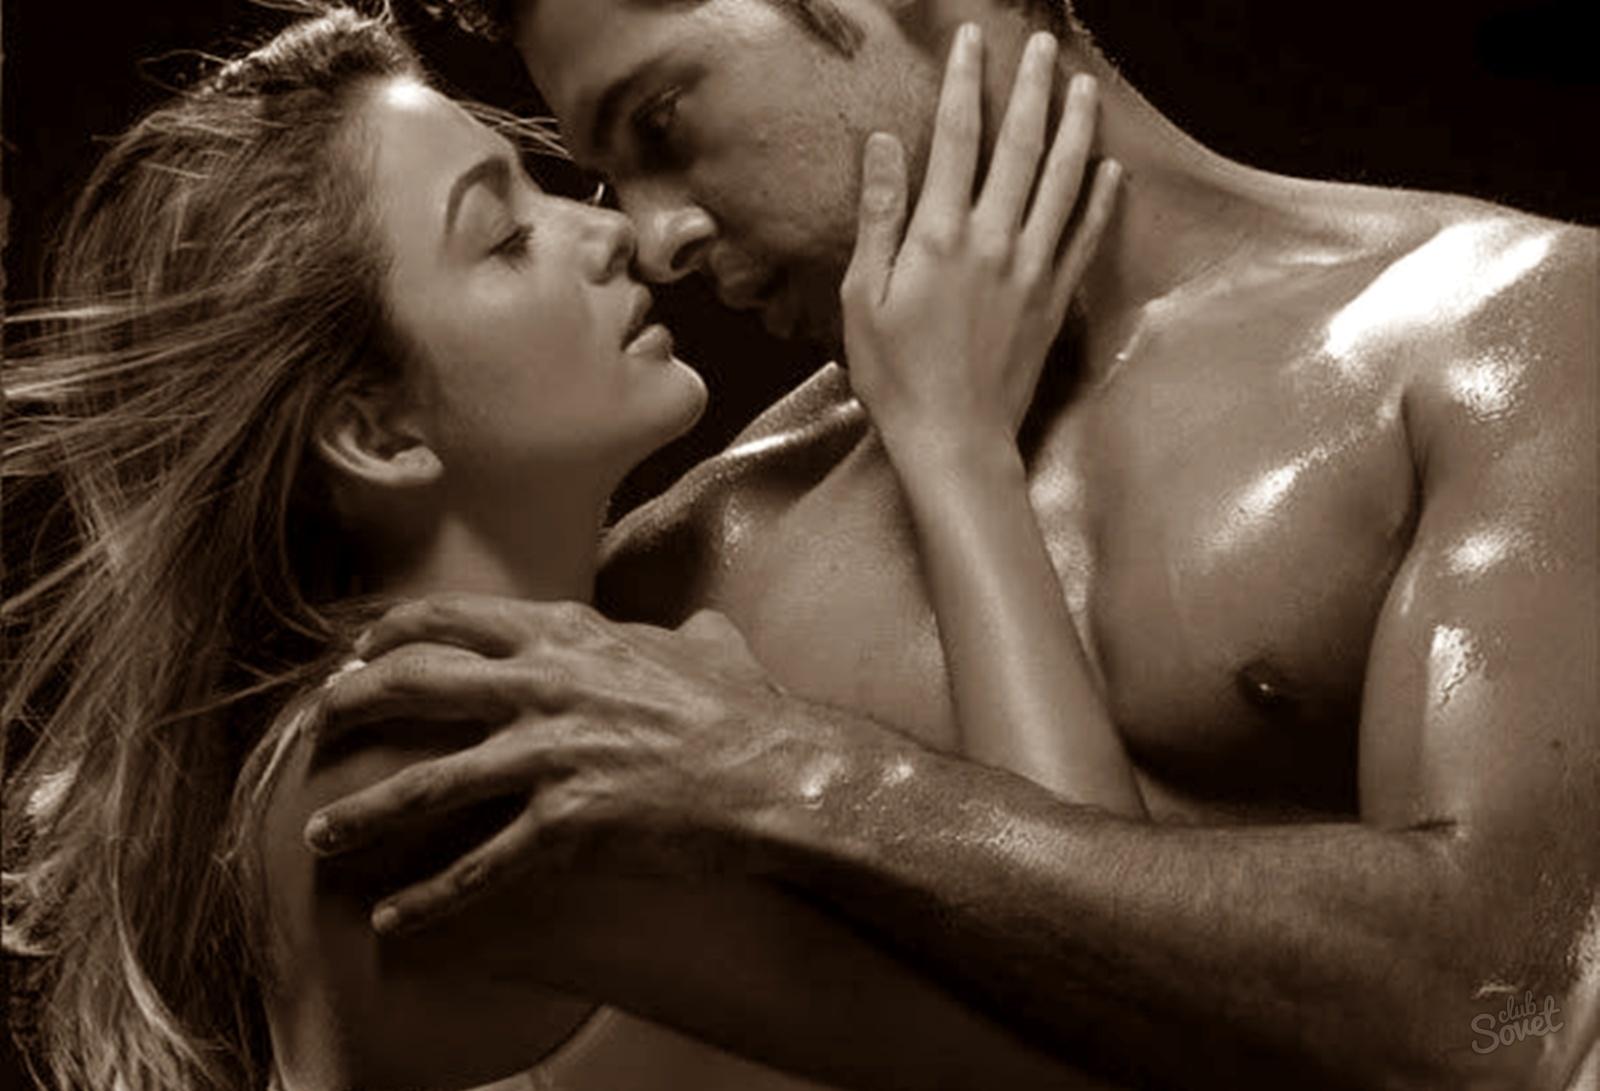 Фото интимные сексуальные, Красивые интимные фото девушек и женщин смотреть 25 фотография